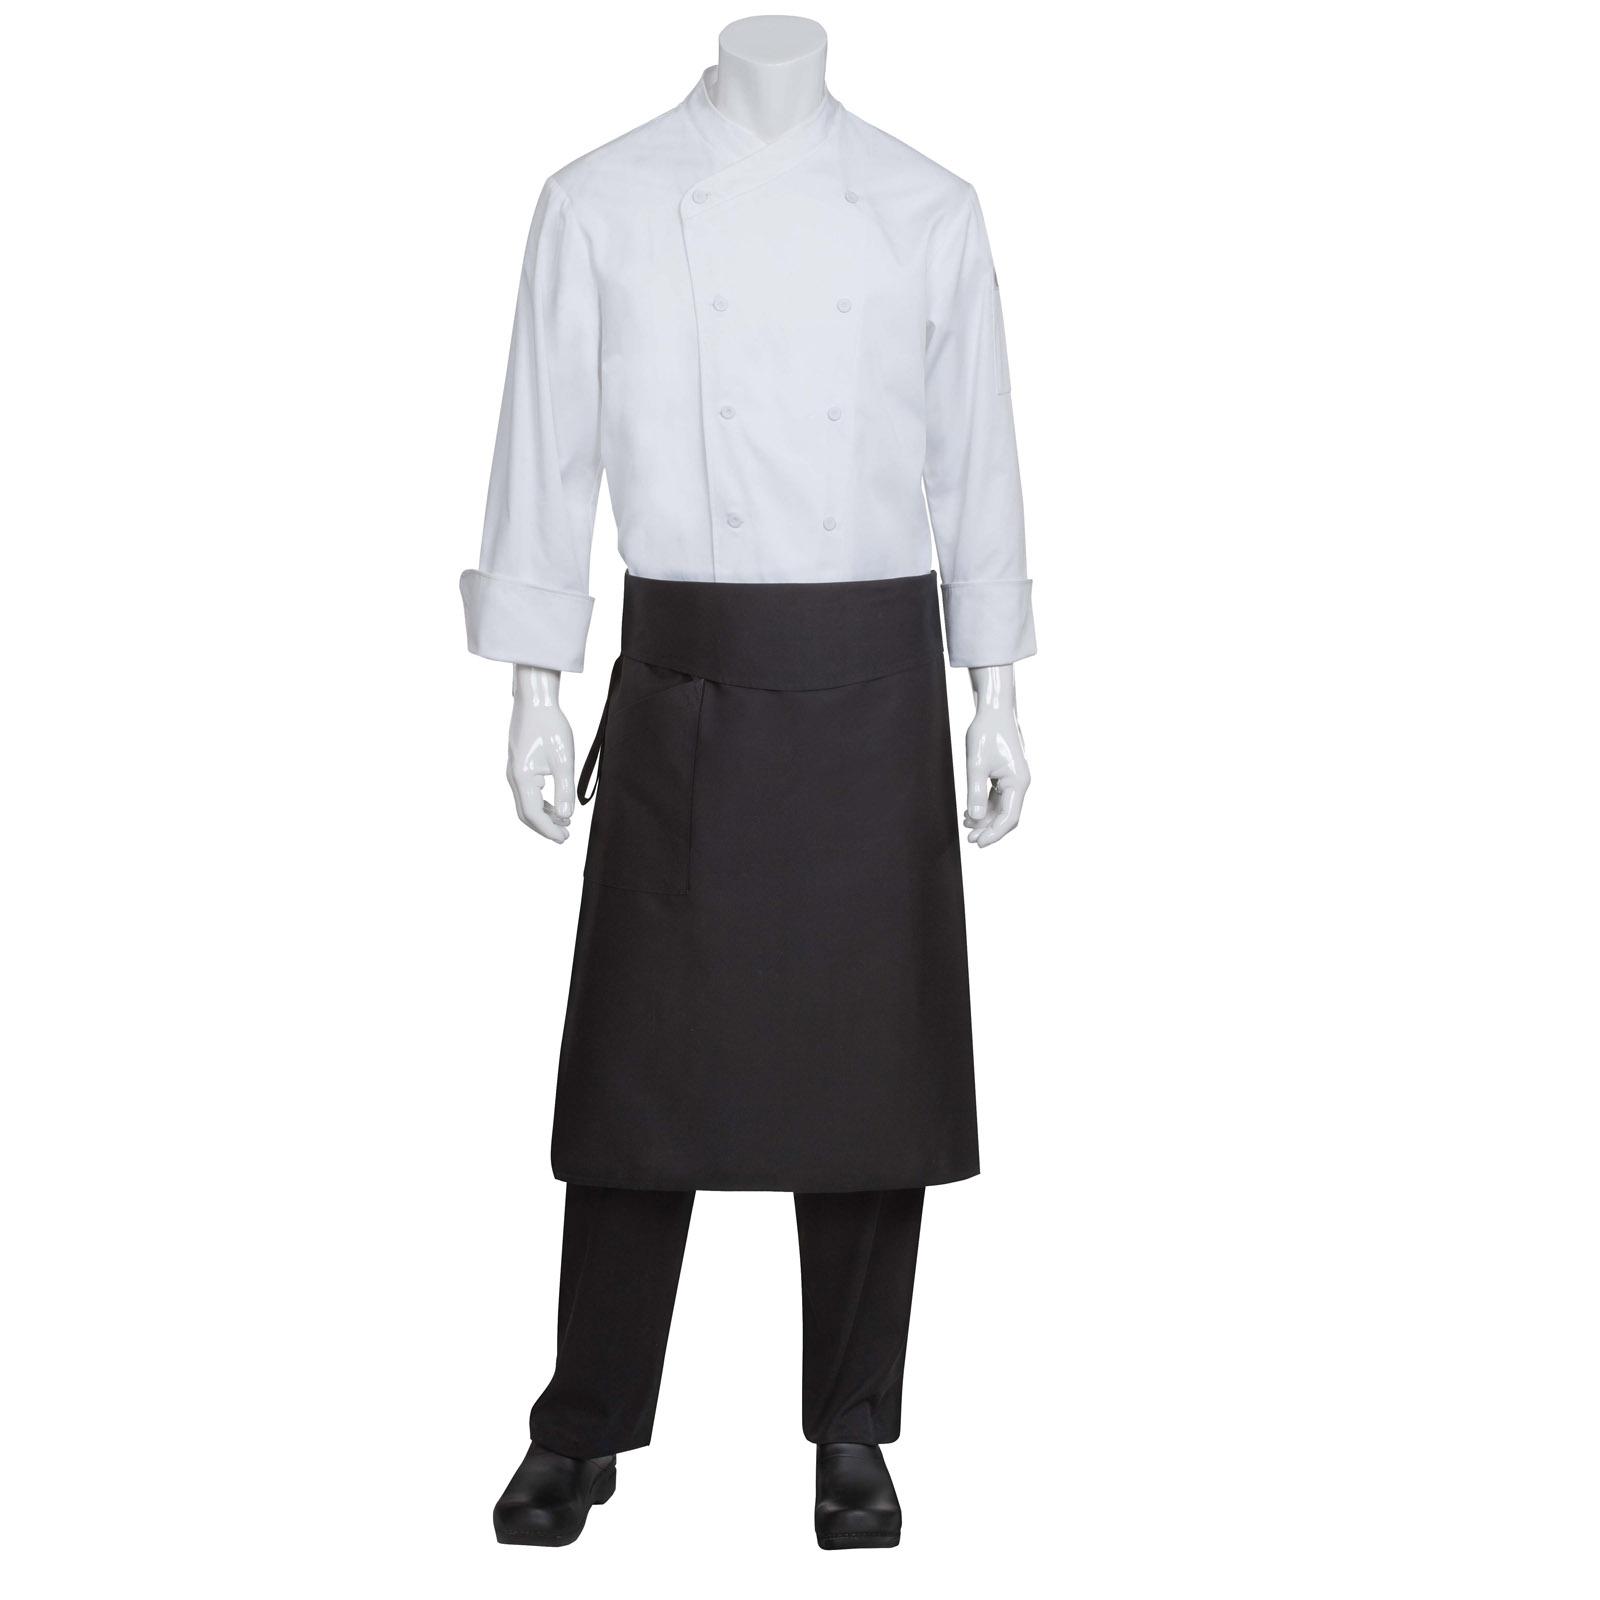 Chef Works BPTABLK0 waist apron